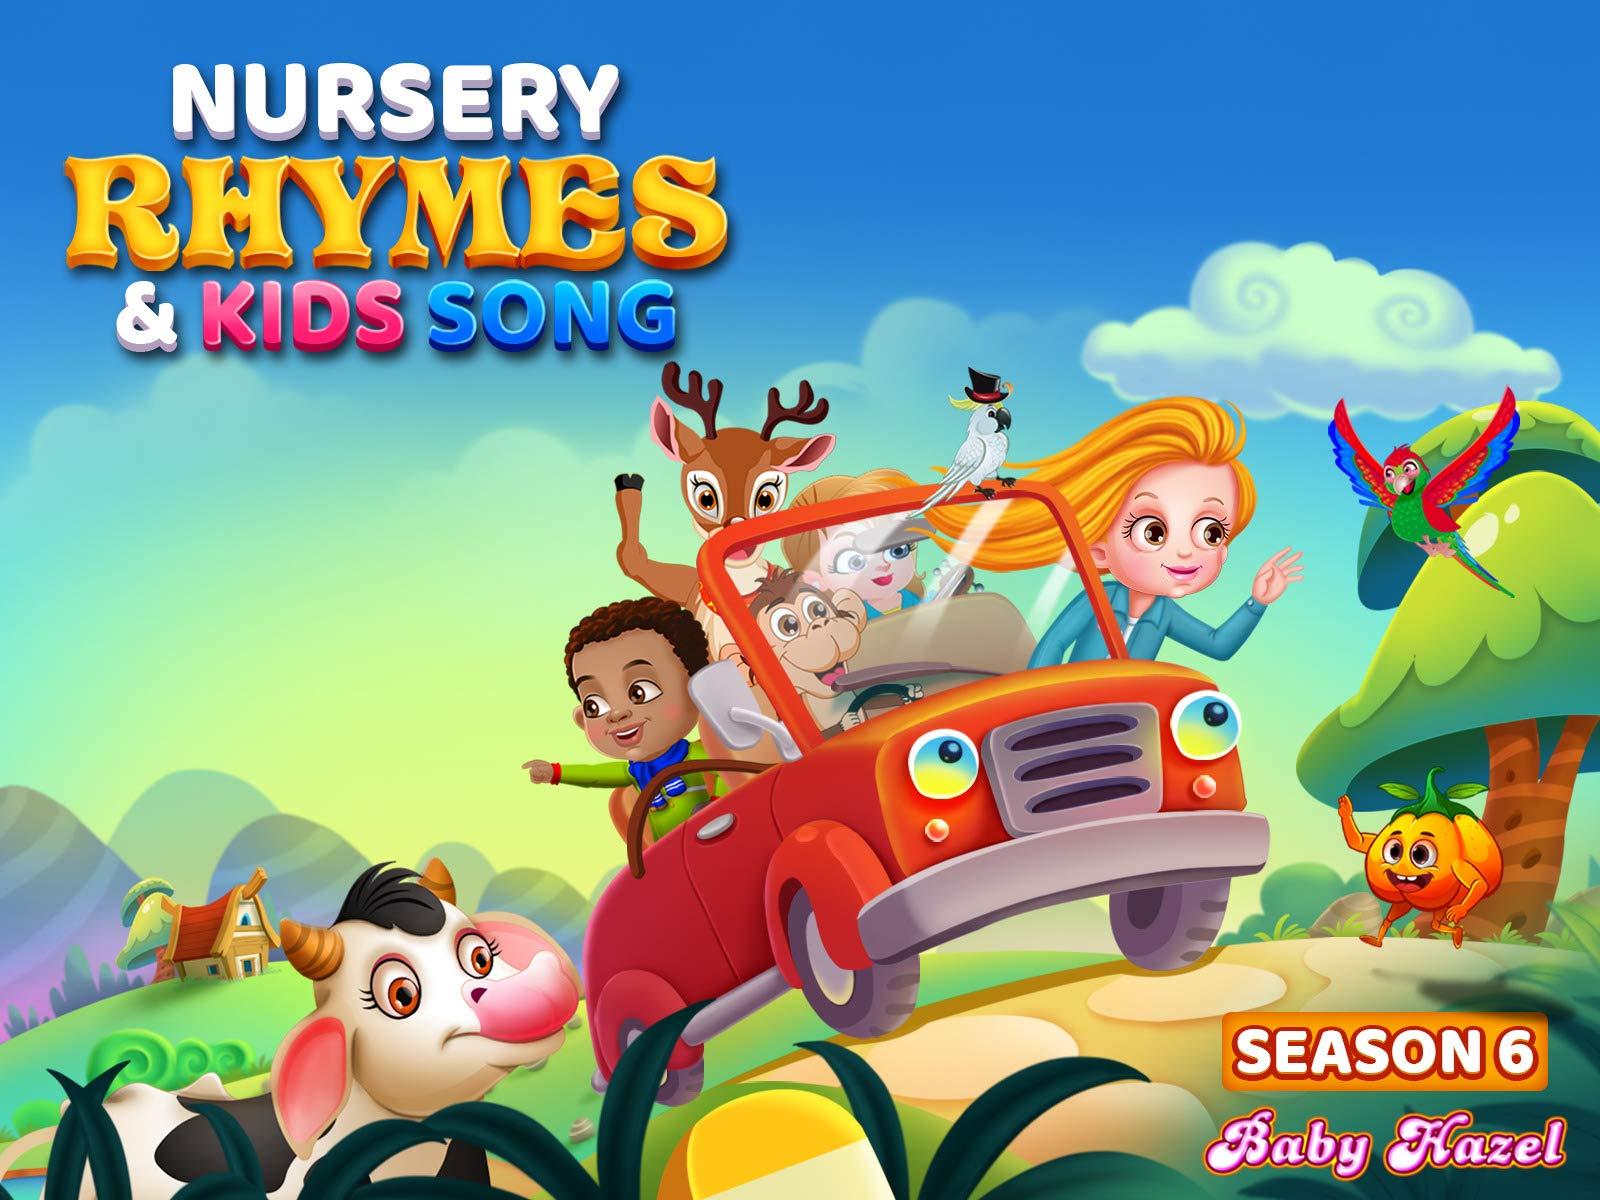 Baby Hazel Nursery Rhymes and Kids Songs - Season 6